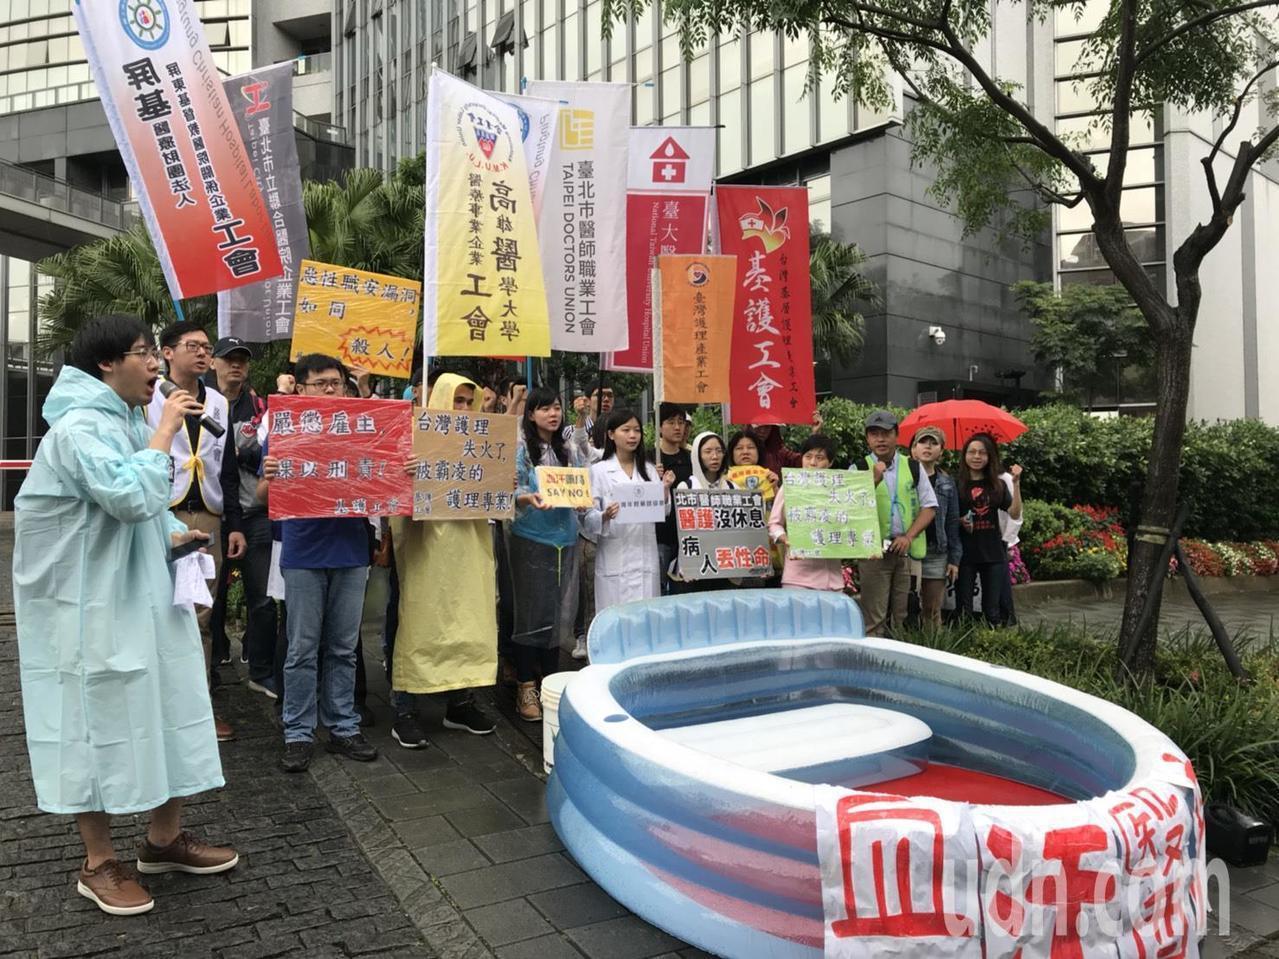 多個醫師、護理師工會今齊聚衛福部前抗議血汗勞動。記者簡浩正/攝影